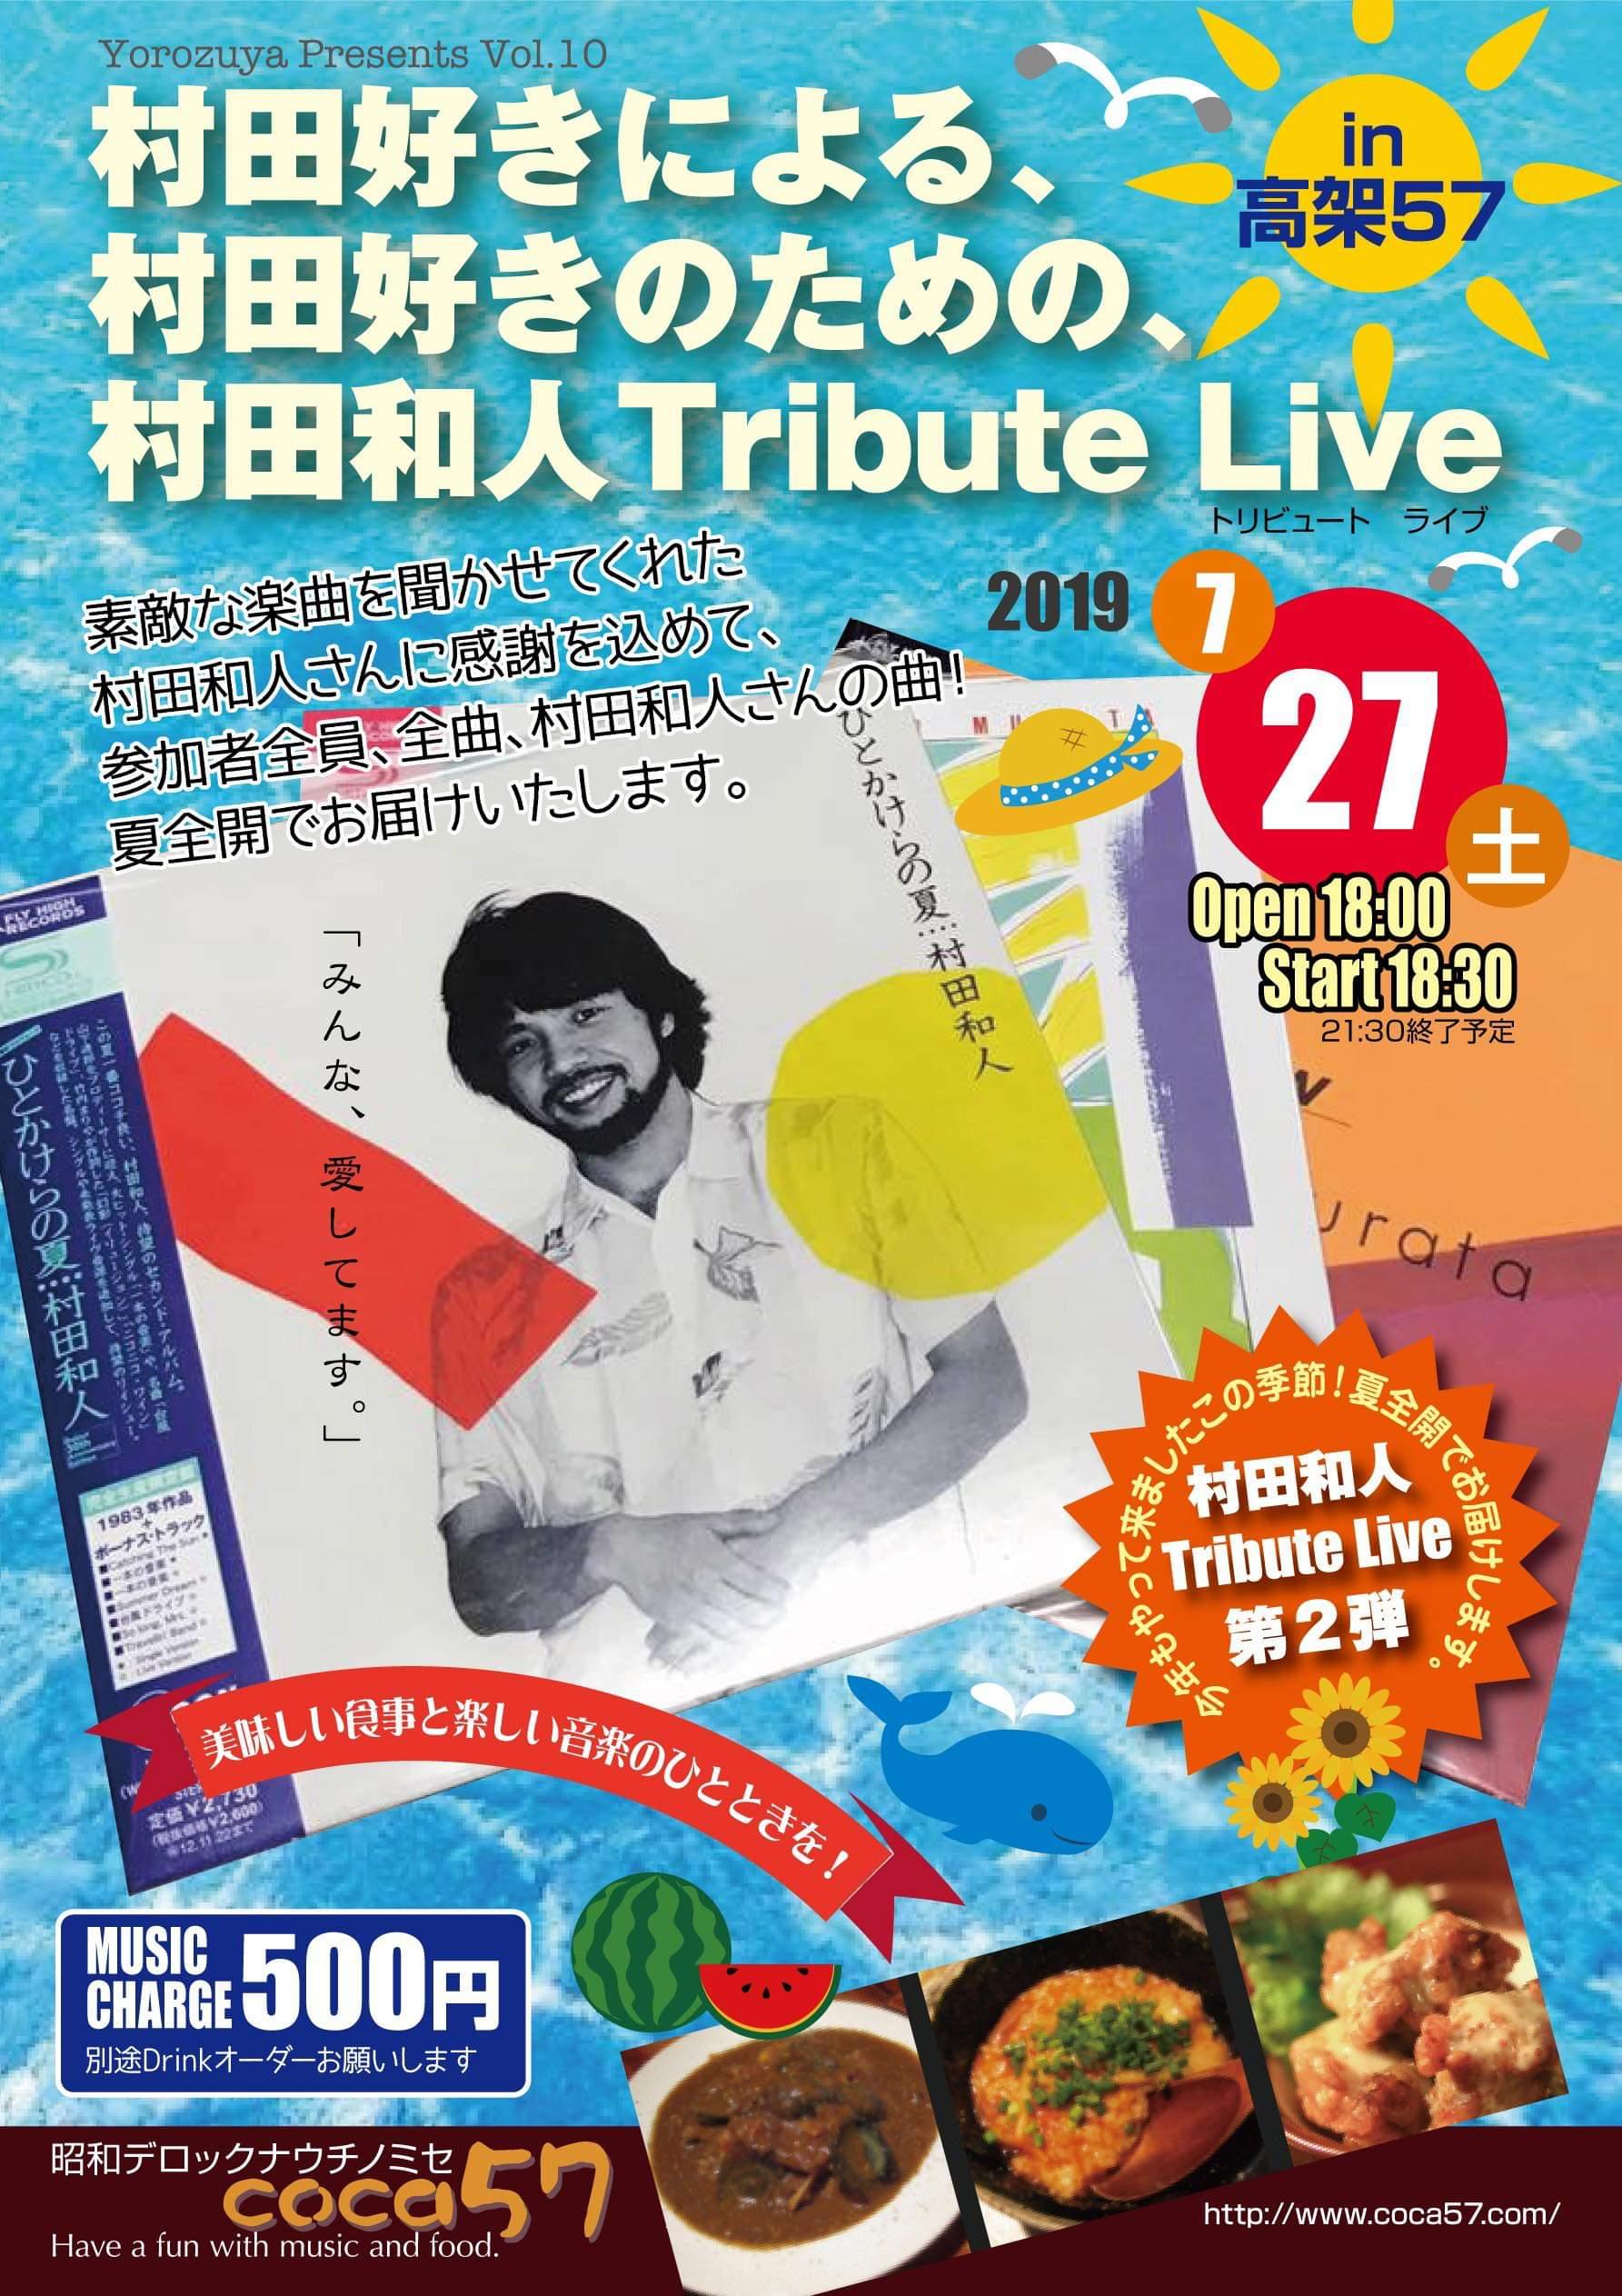 村田和人Tribute live 18時開場